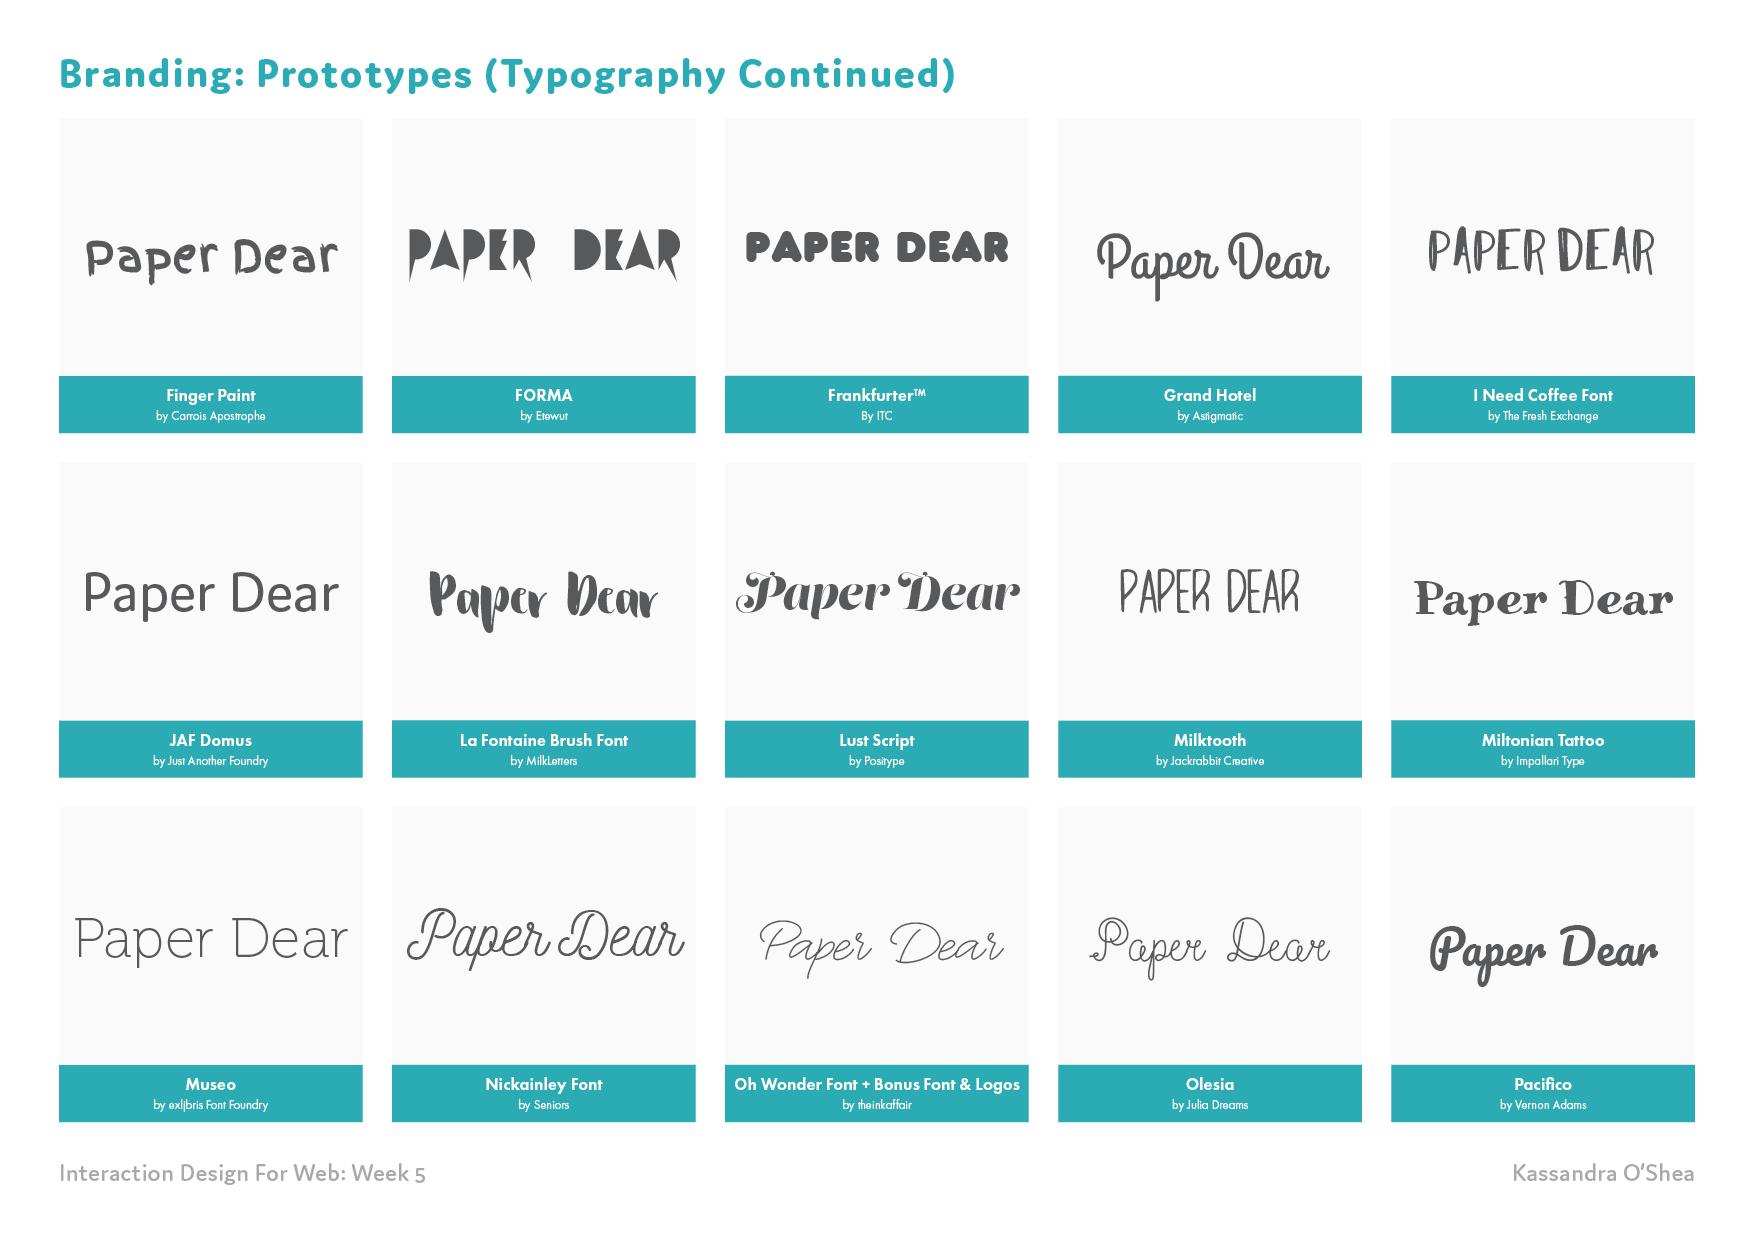 Branding: Prototypes (Typography)